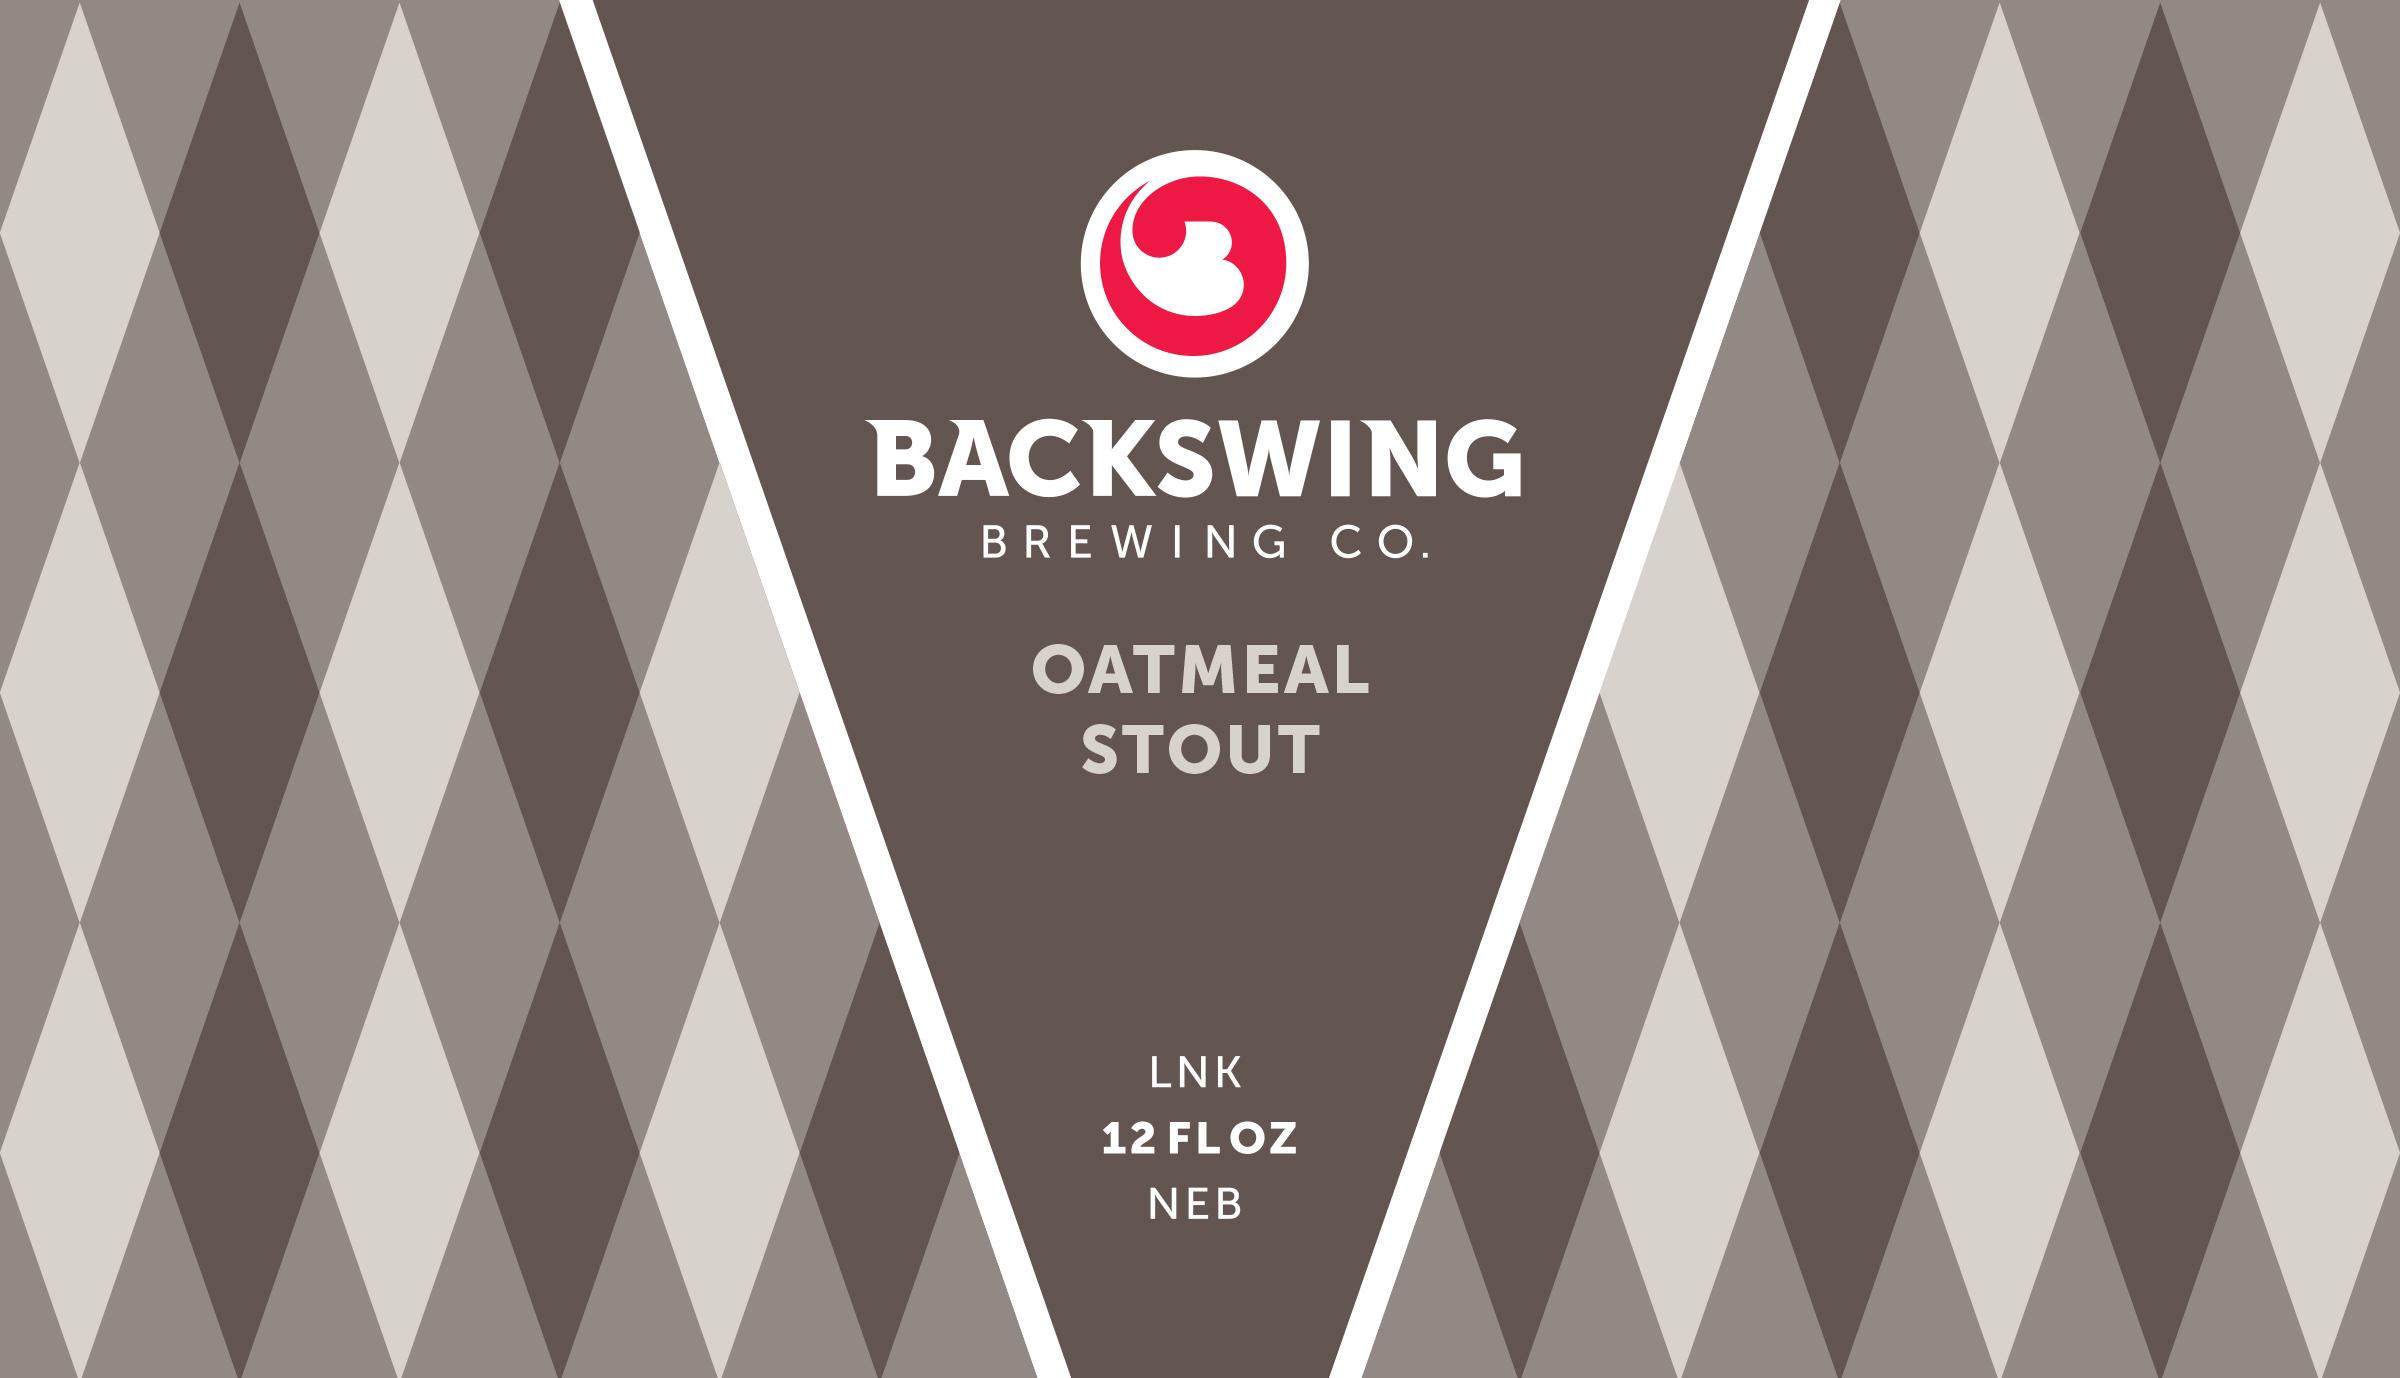 bsw-oatmeal-2400.jpg